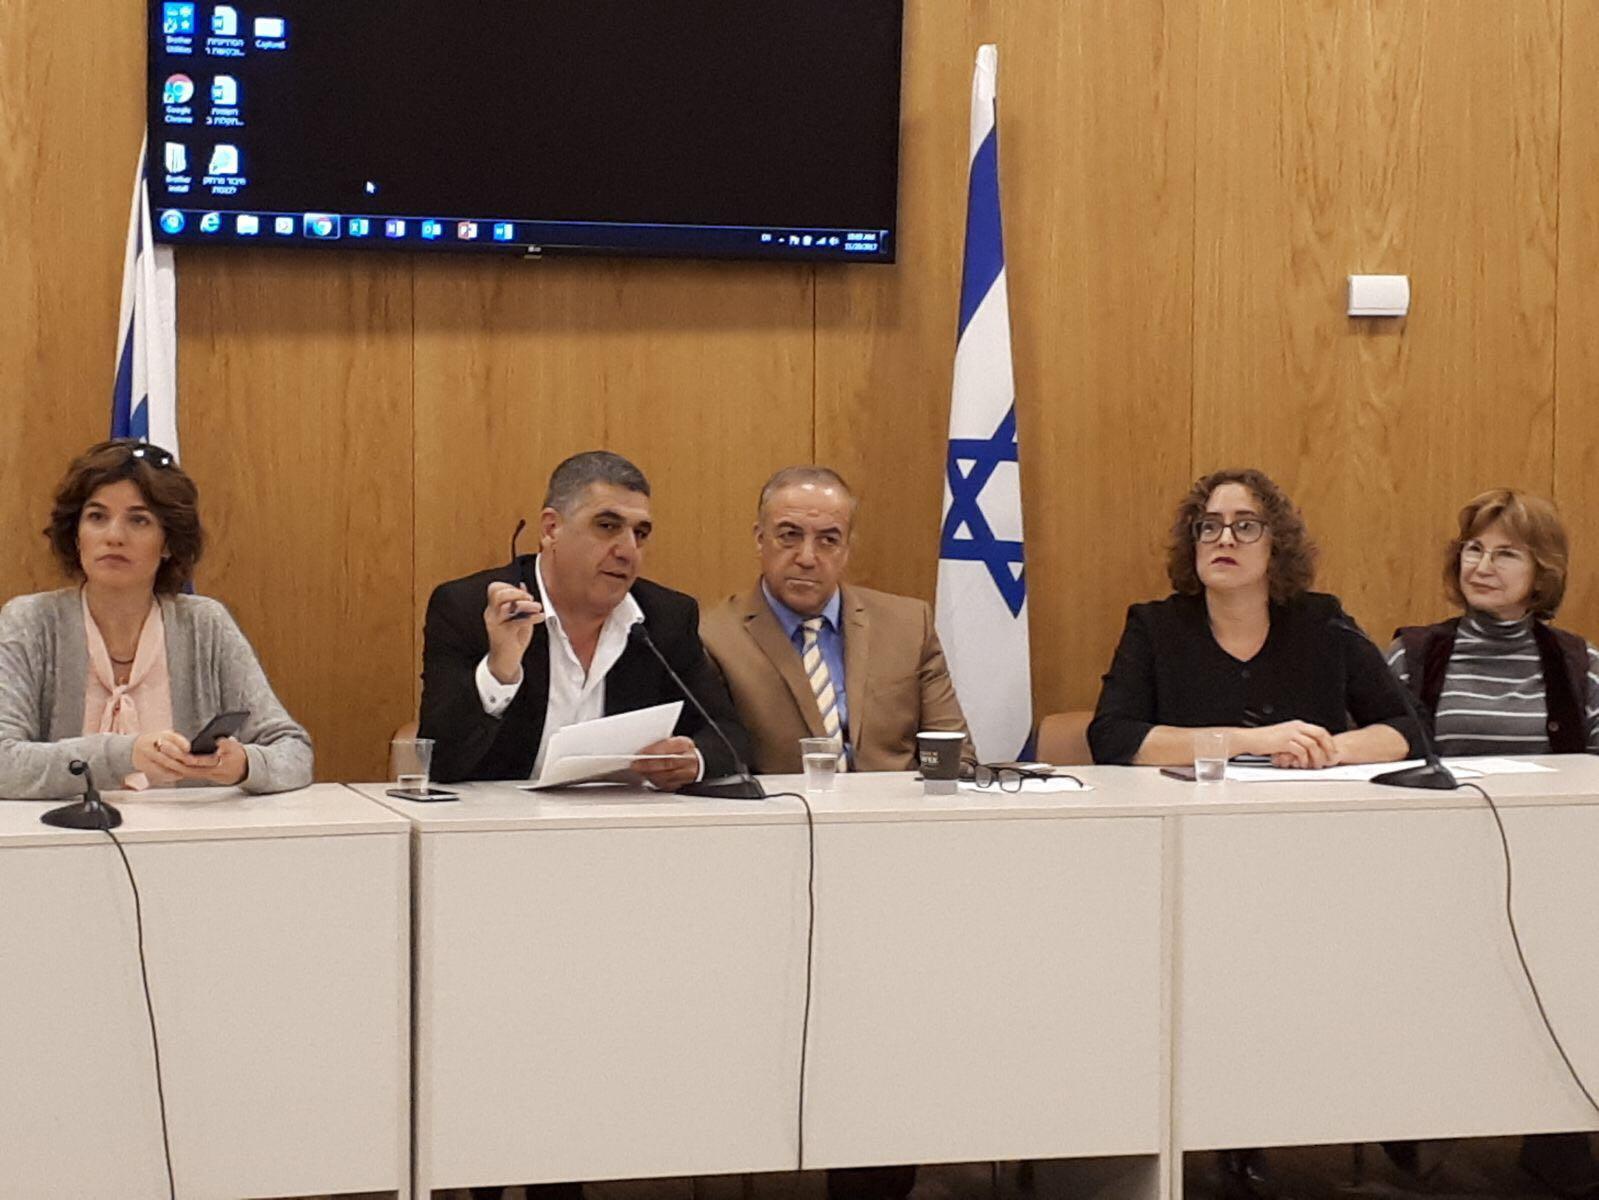 הכנס נגד הקמת מועצה תעשייתית במפרץ חיפה (צילום: אסף אפל)